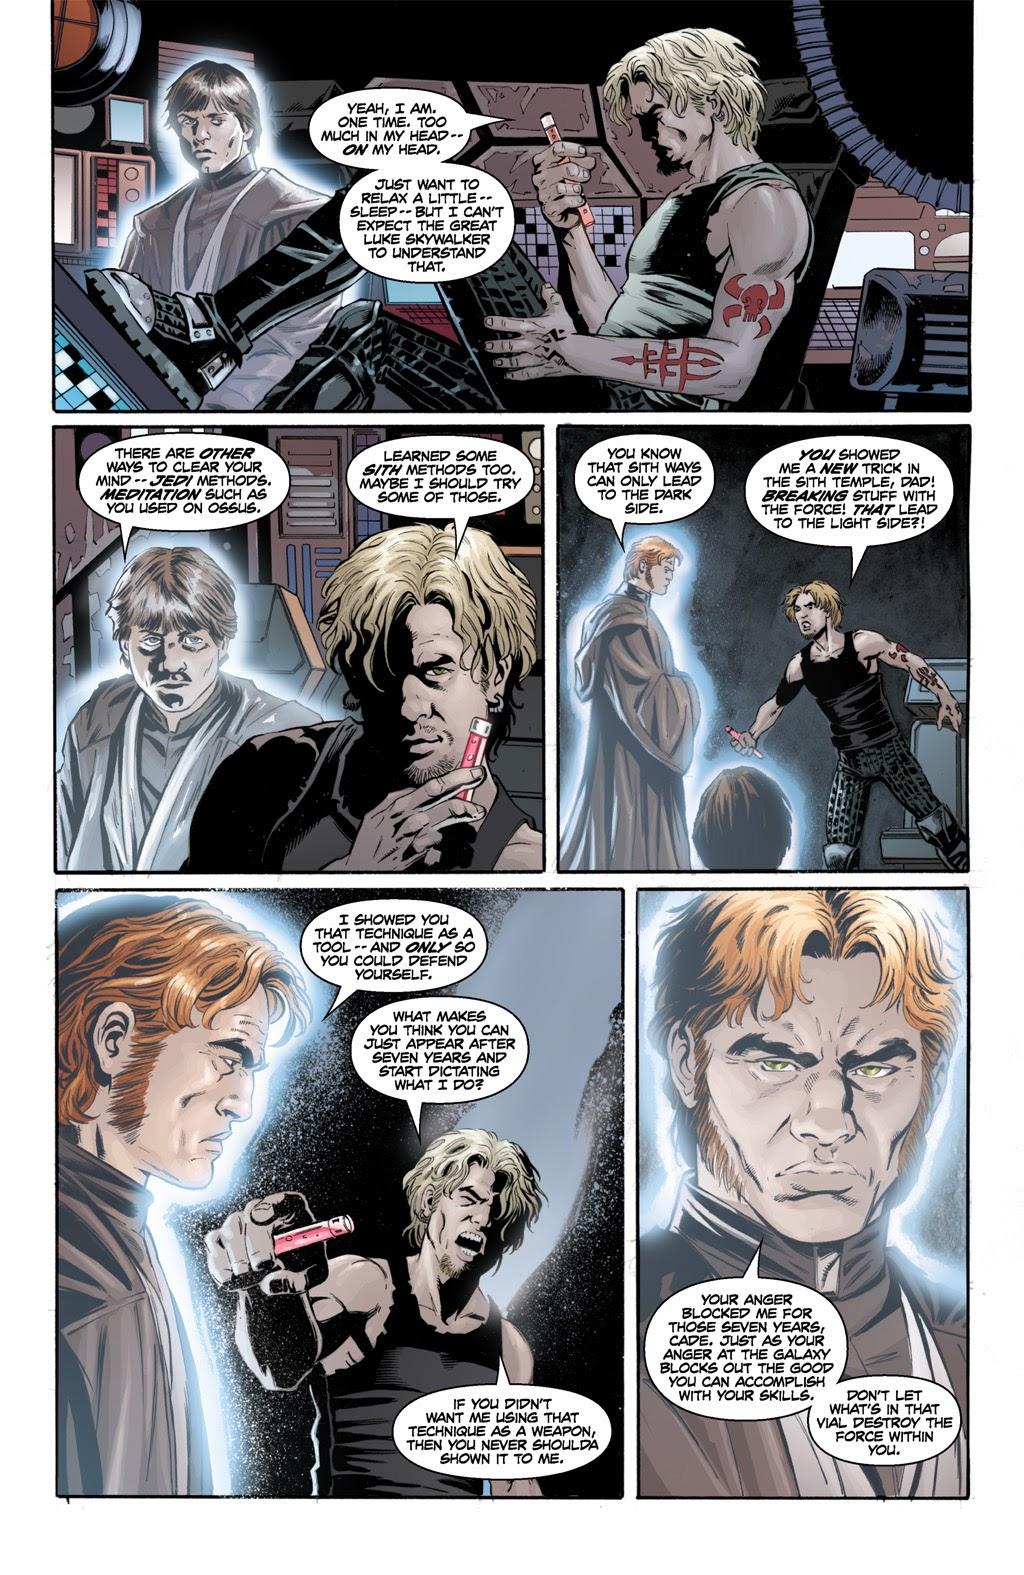 Cade Skywalker Using Death Sticks